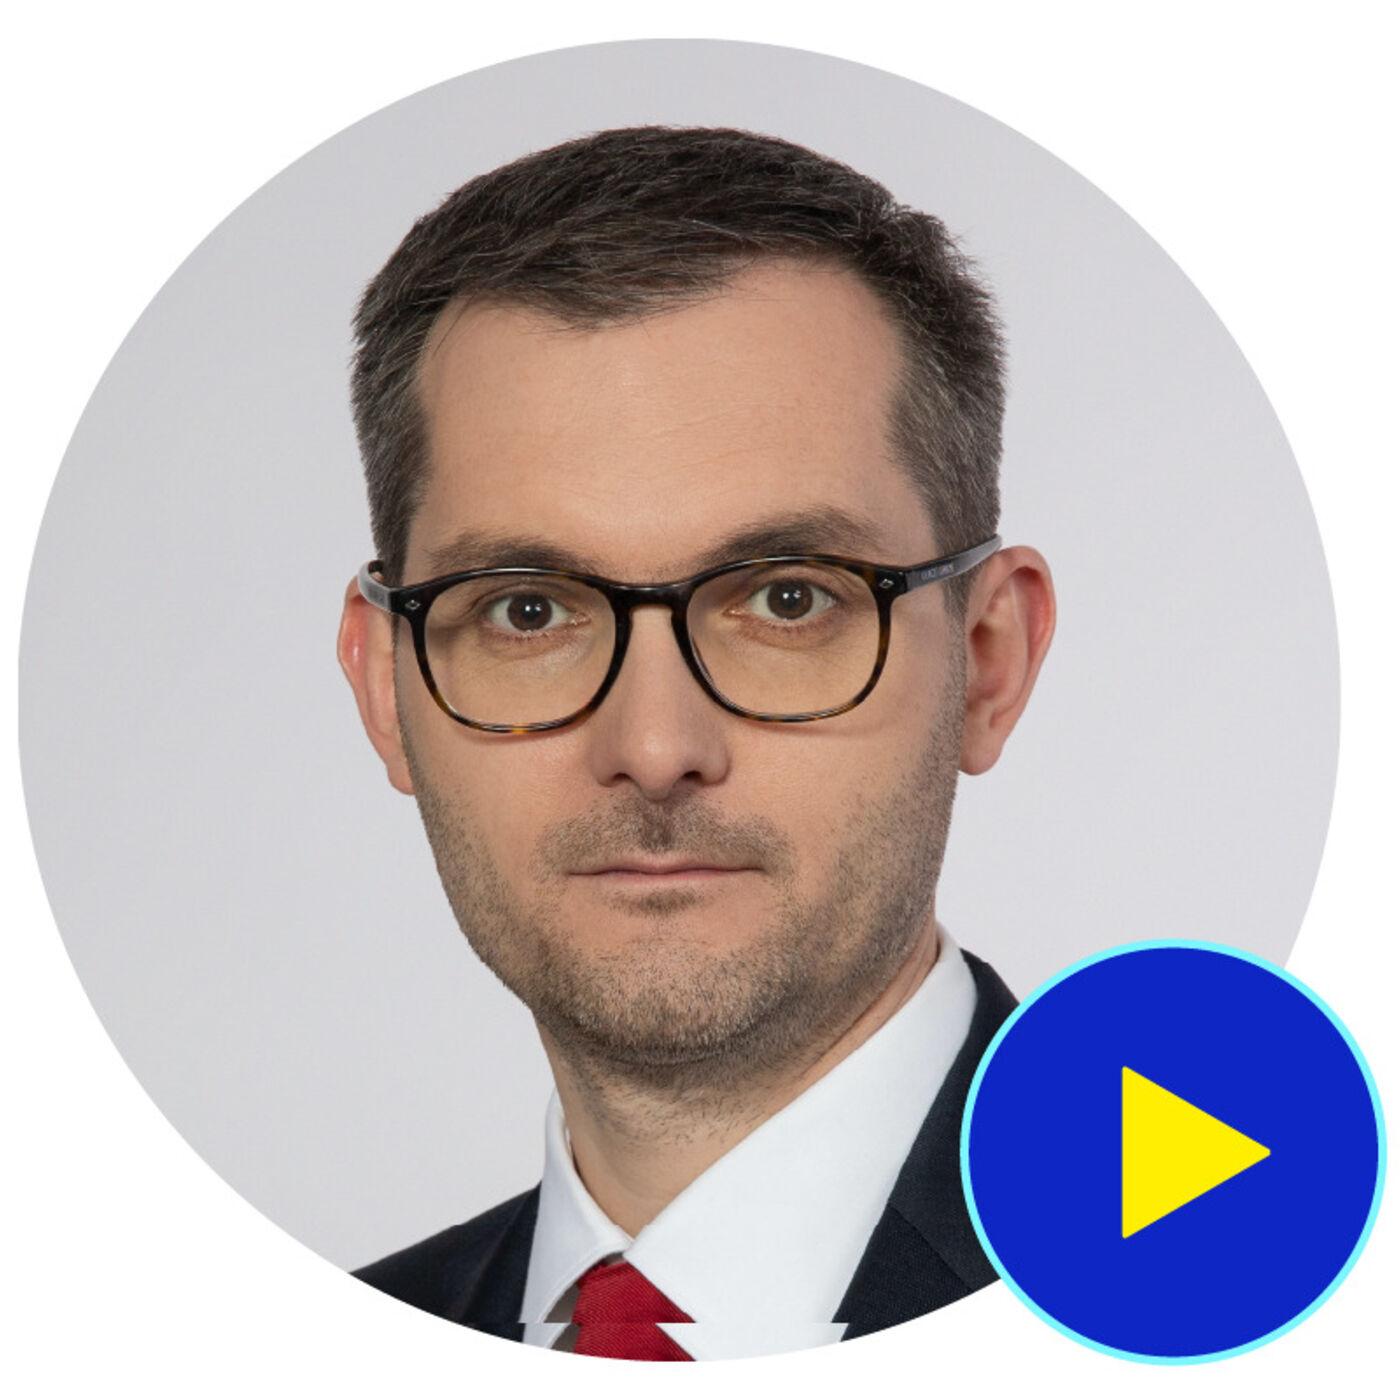 Co zmieni Tarcza 4.0 i dlaczego w Polsce będzie więcej fuzji i przejęć - gość Marek Niedużak